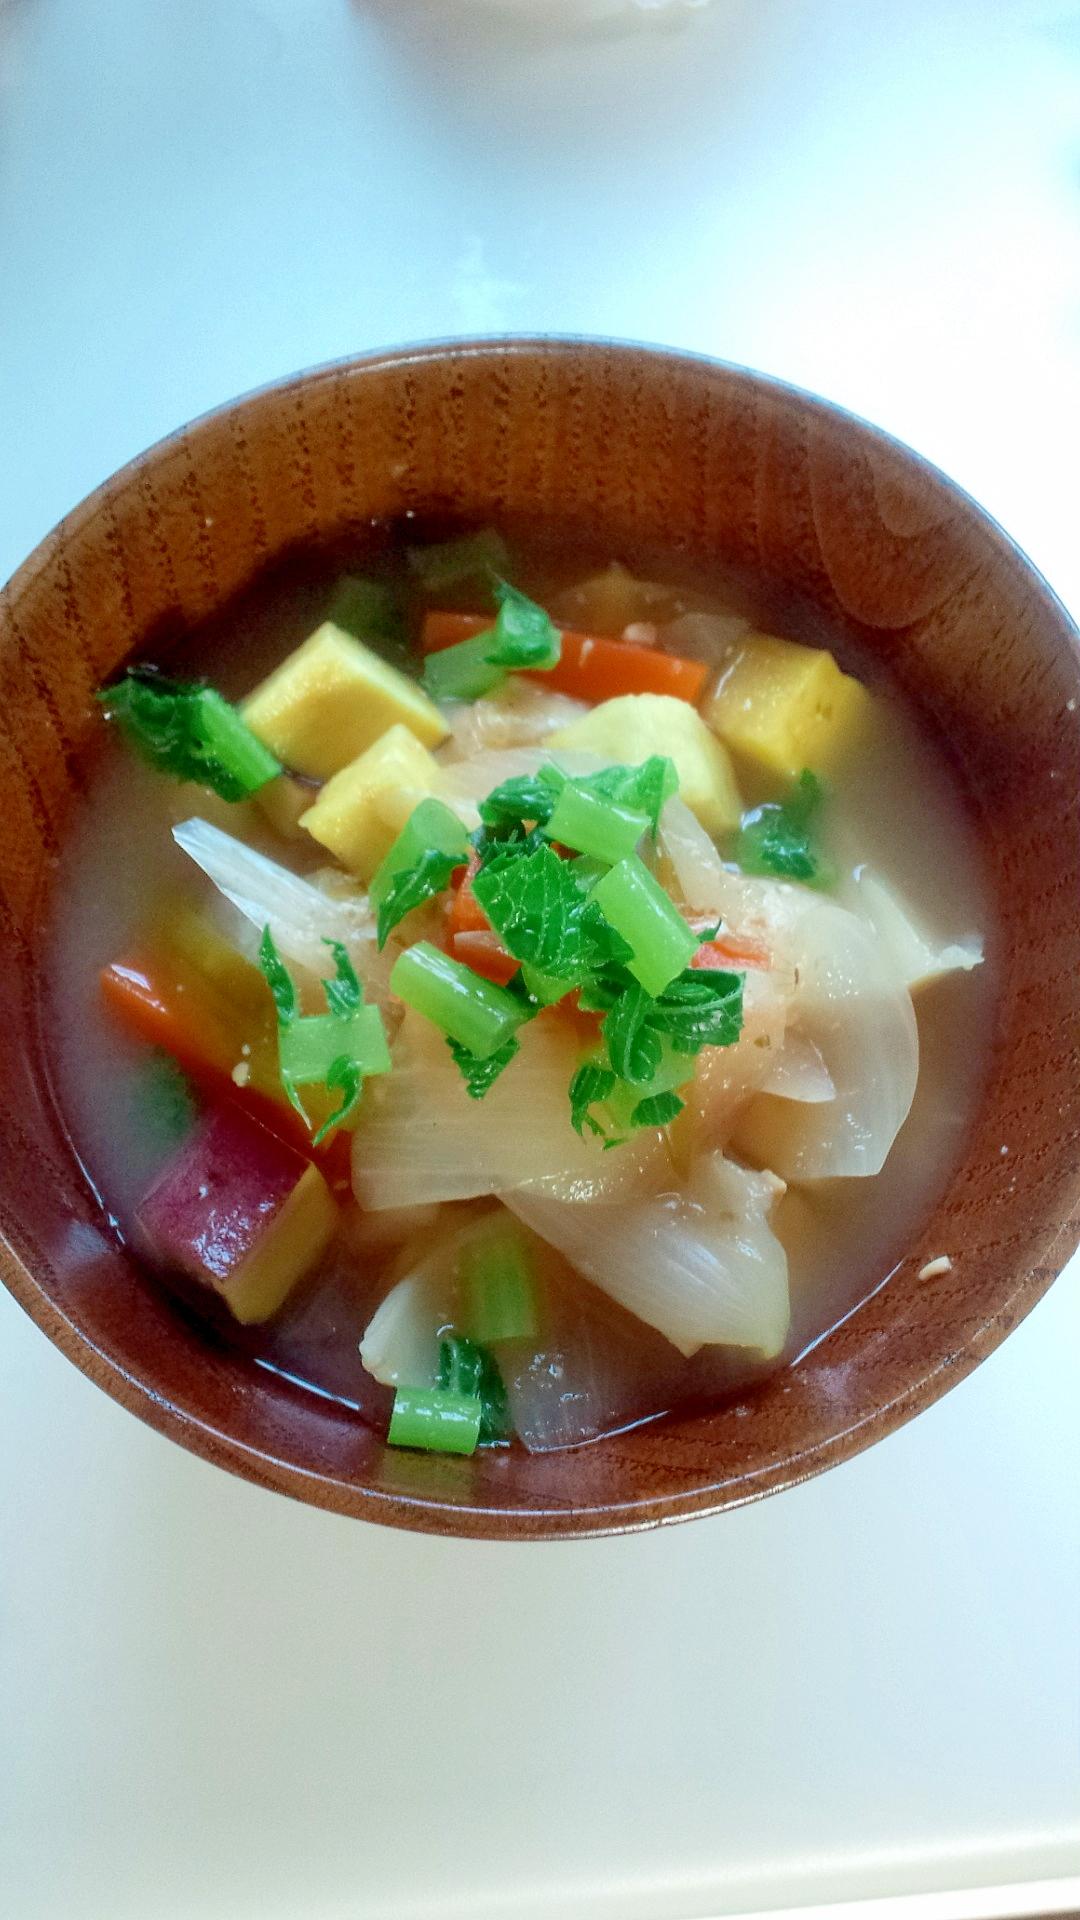 5.さつまいもと野菜の具たっぷりのお味噌汁